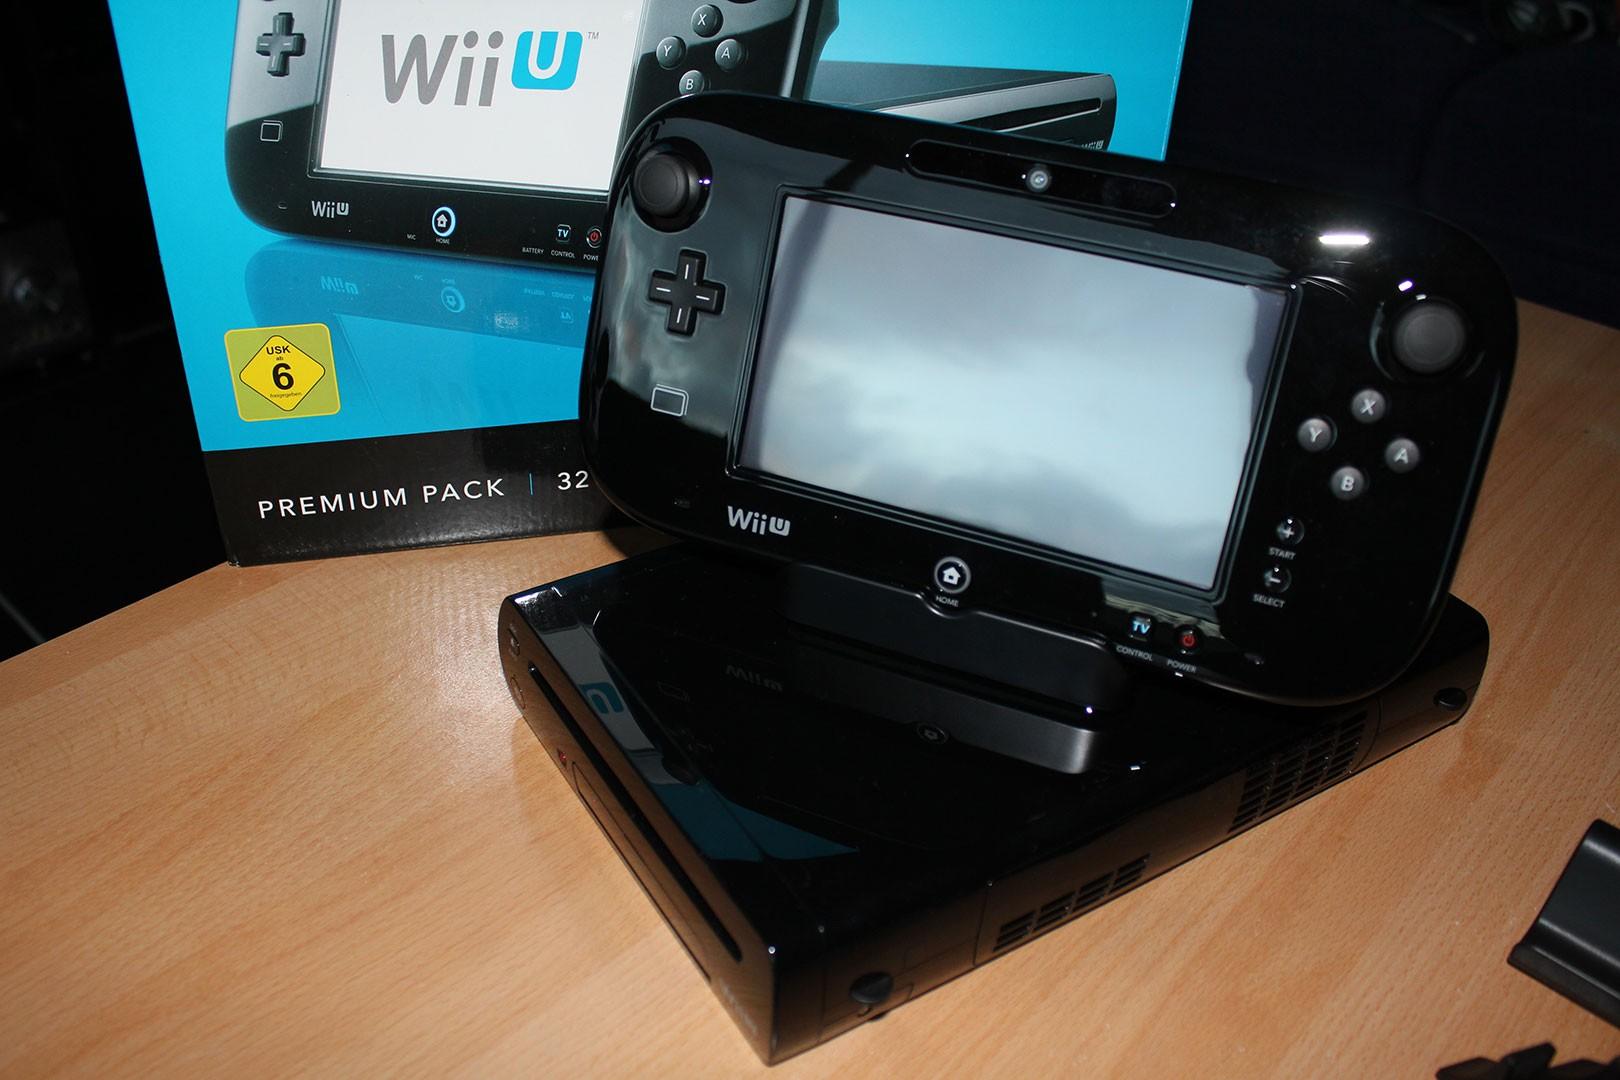 ВЯпонии прекращено производство консолей Wii Uкомпании Nintendo